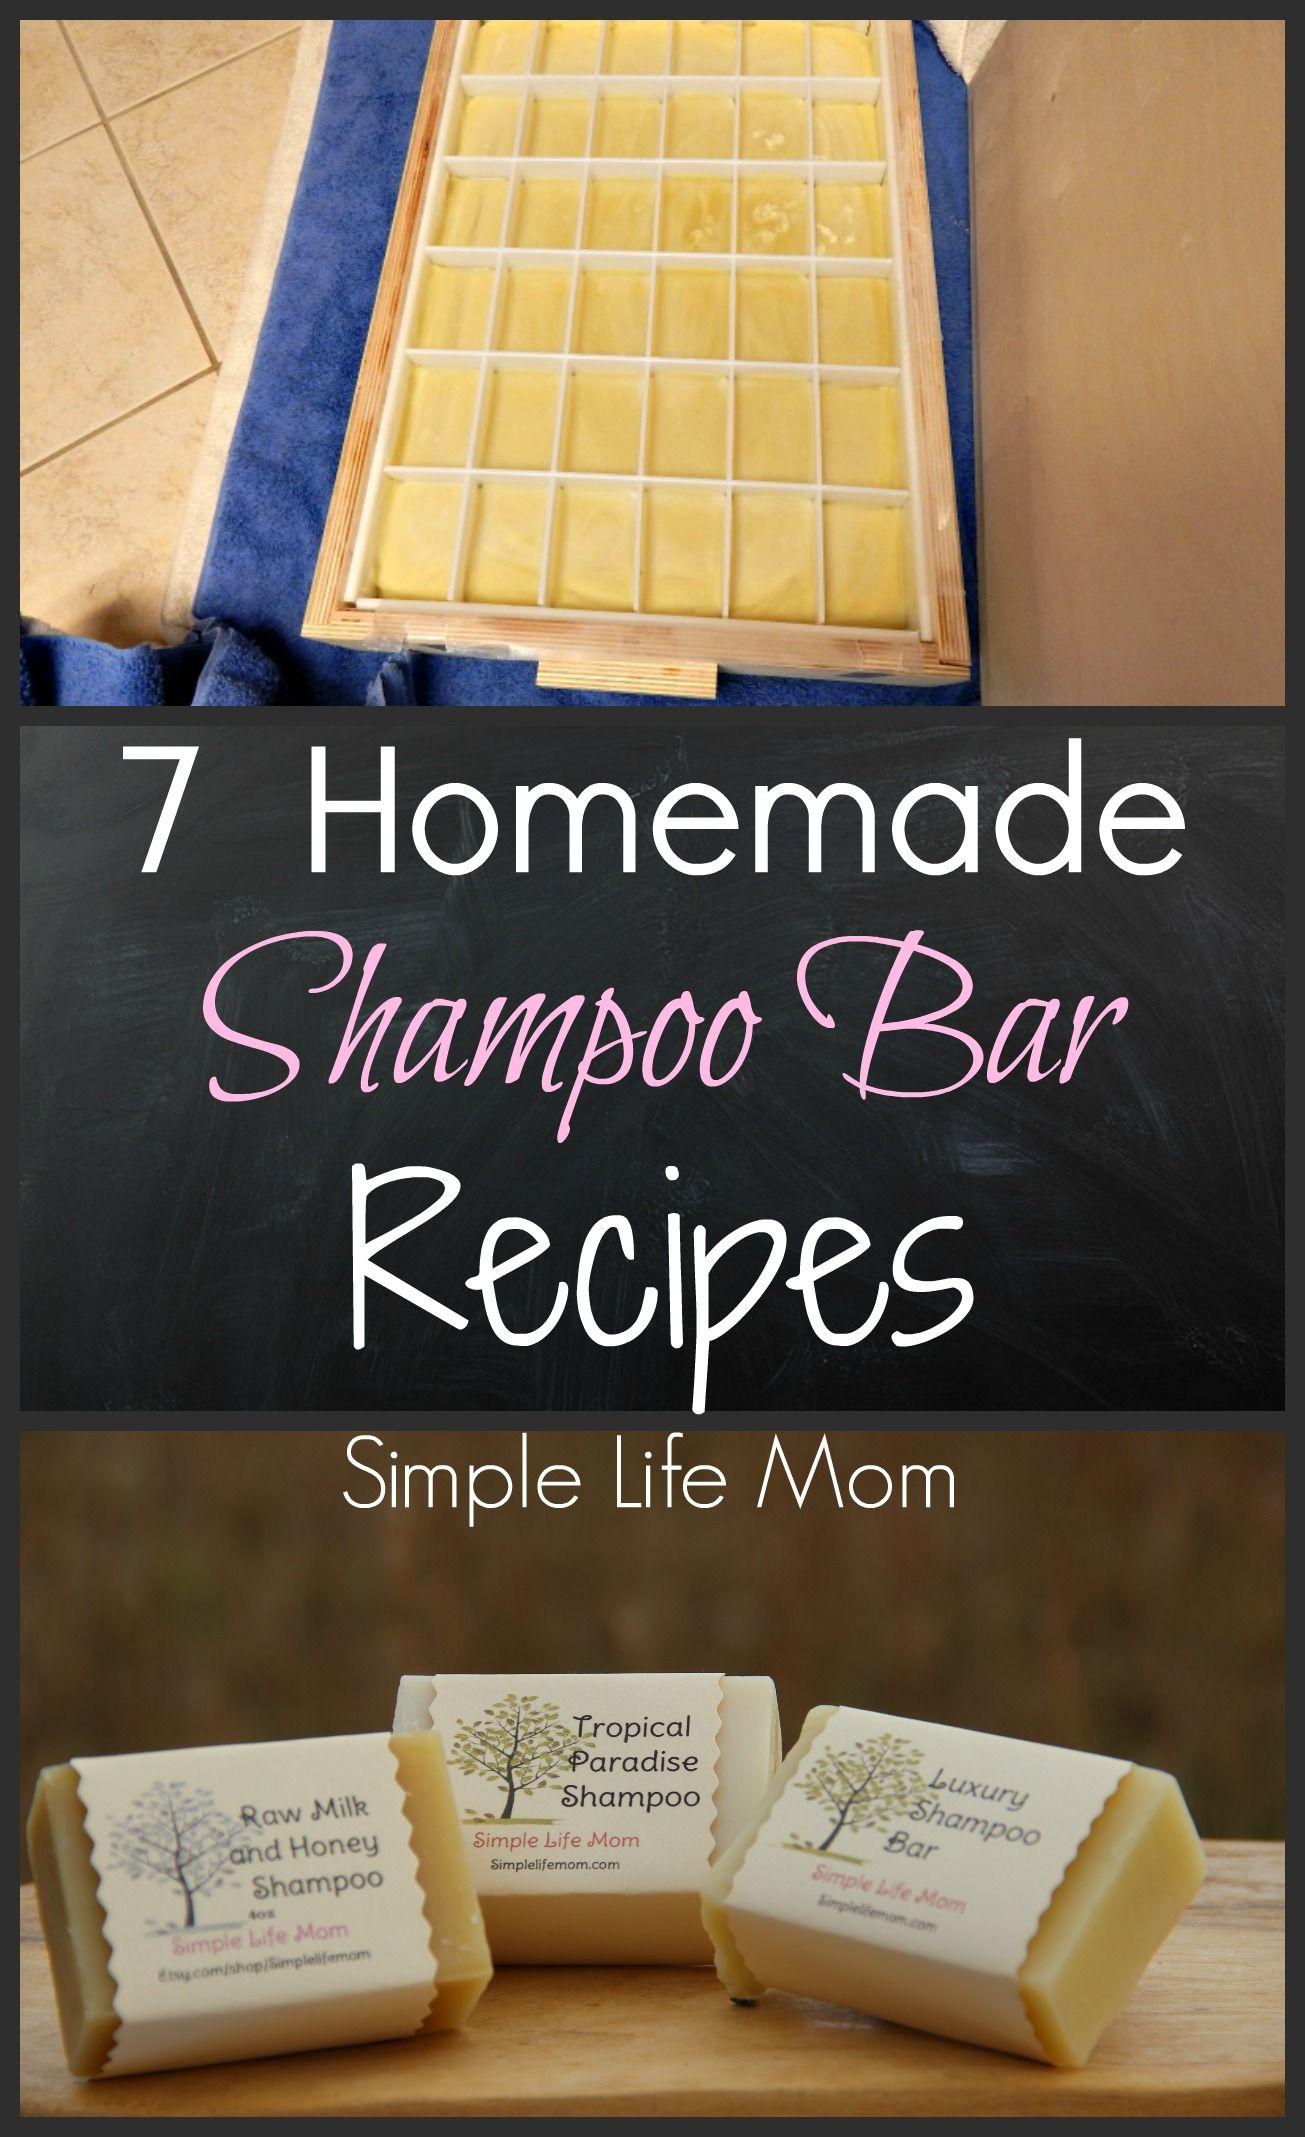 7 Homemade Shampoo Bar Recipes Homemade shampoo